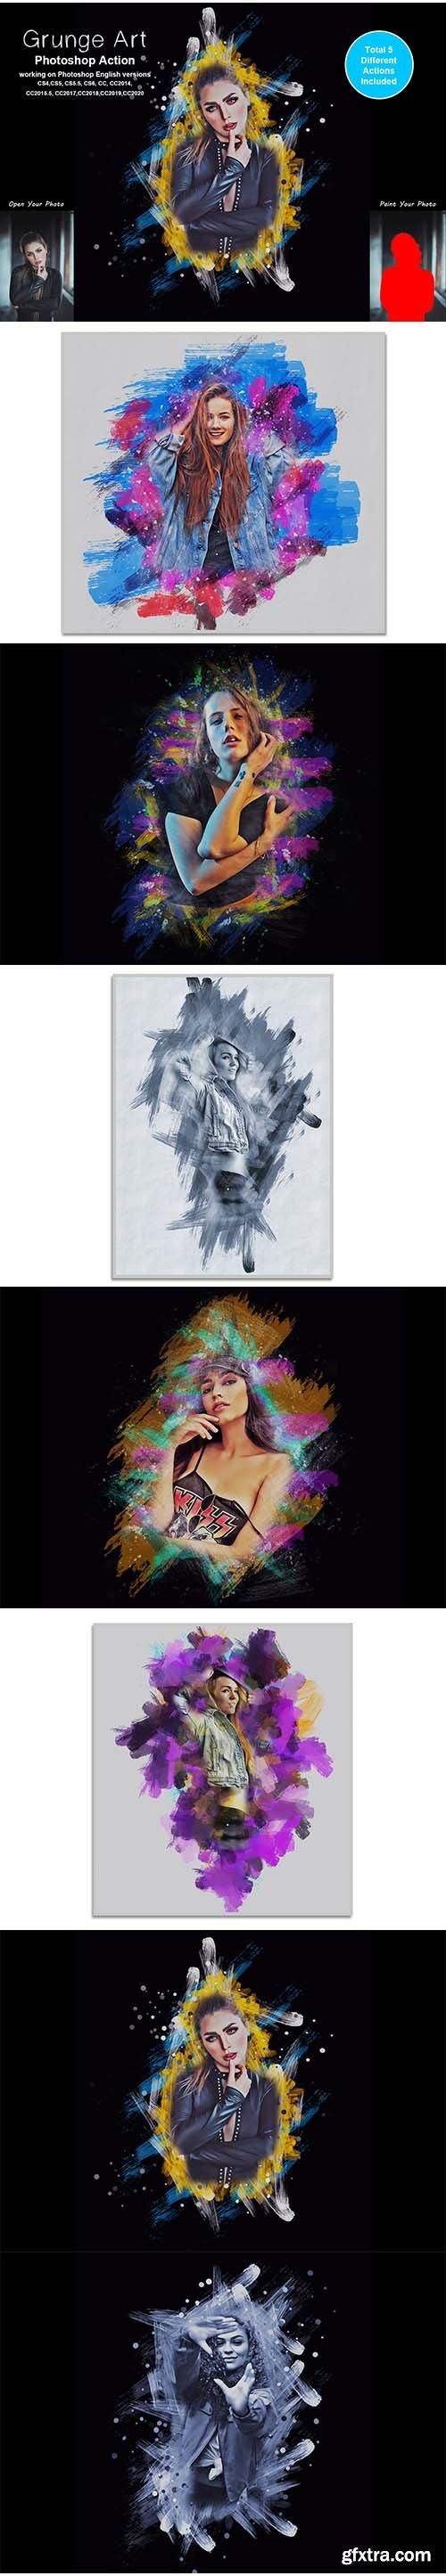 CreativeMarket - Grunge Art Photoshop Action 5442223